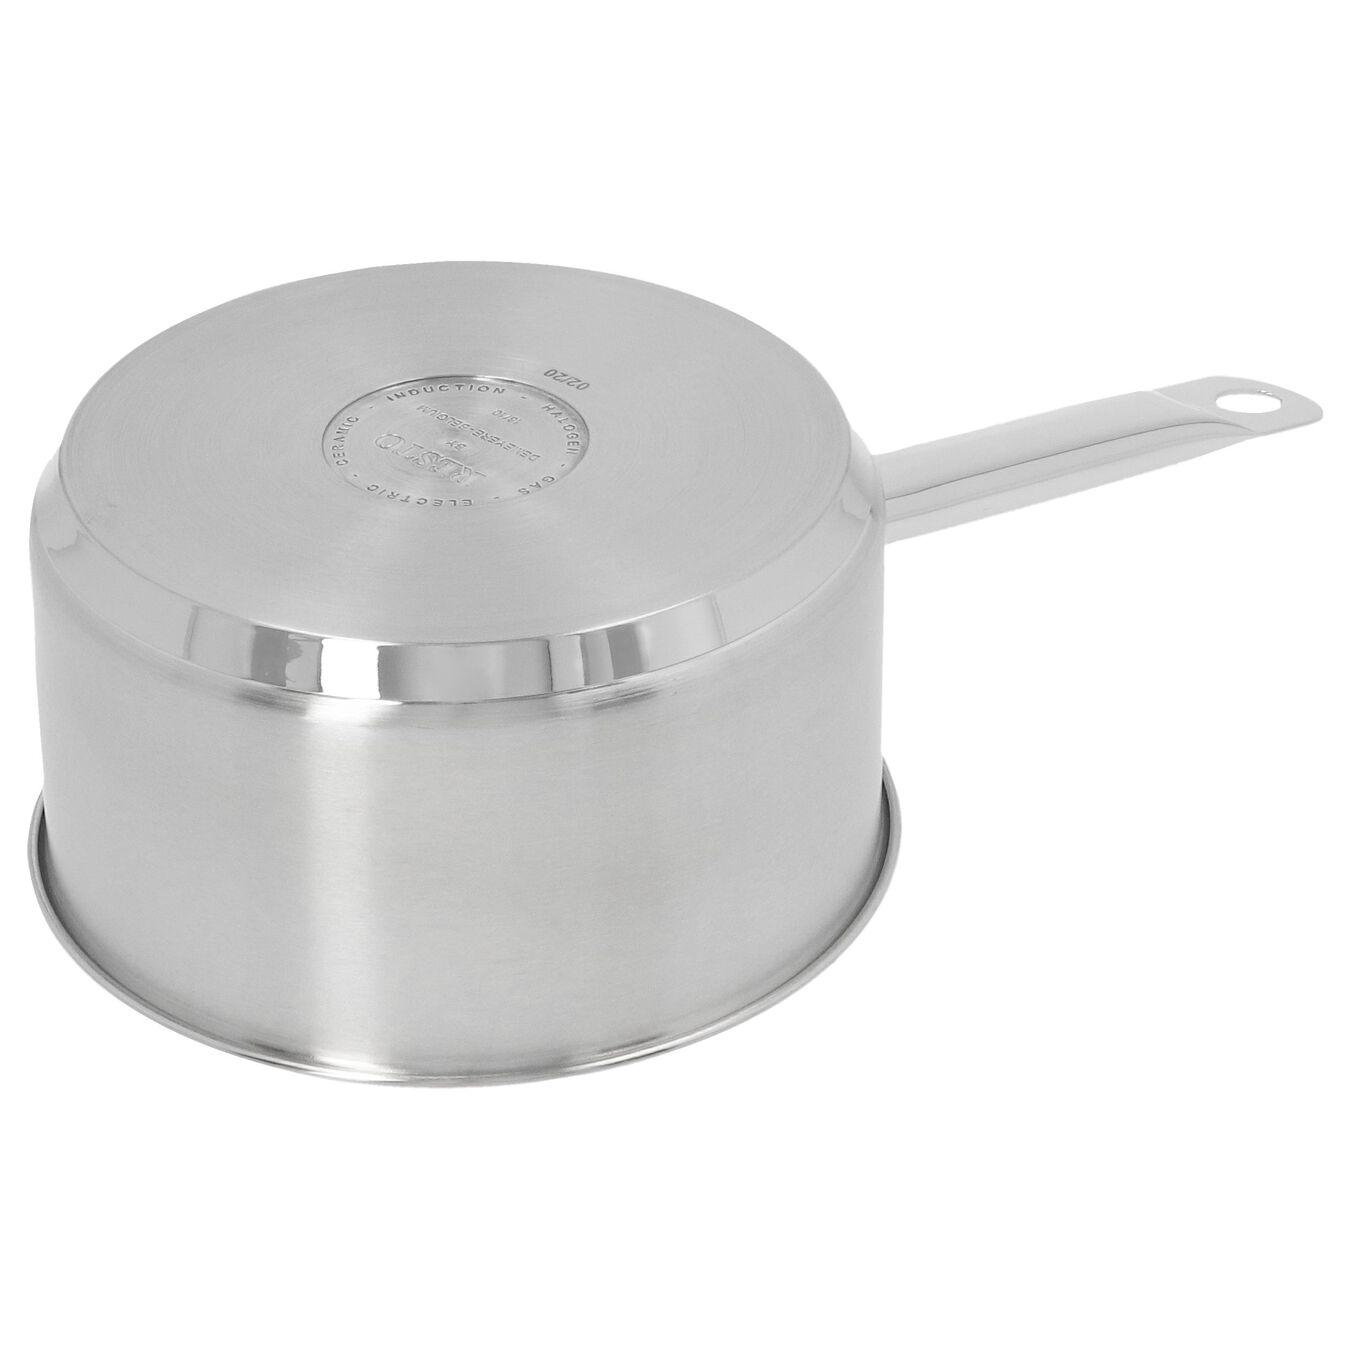 Steelpan met deksel 16 cm / 1,5 l,,large 2